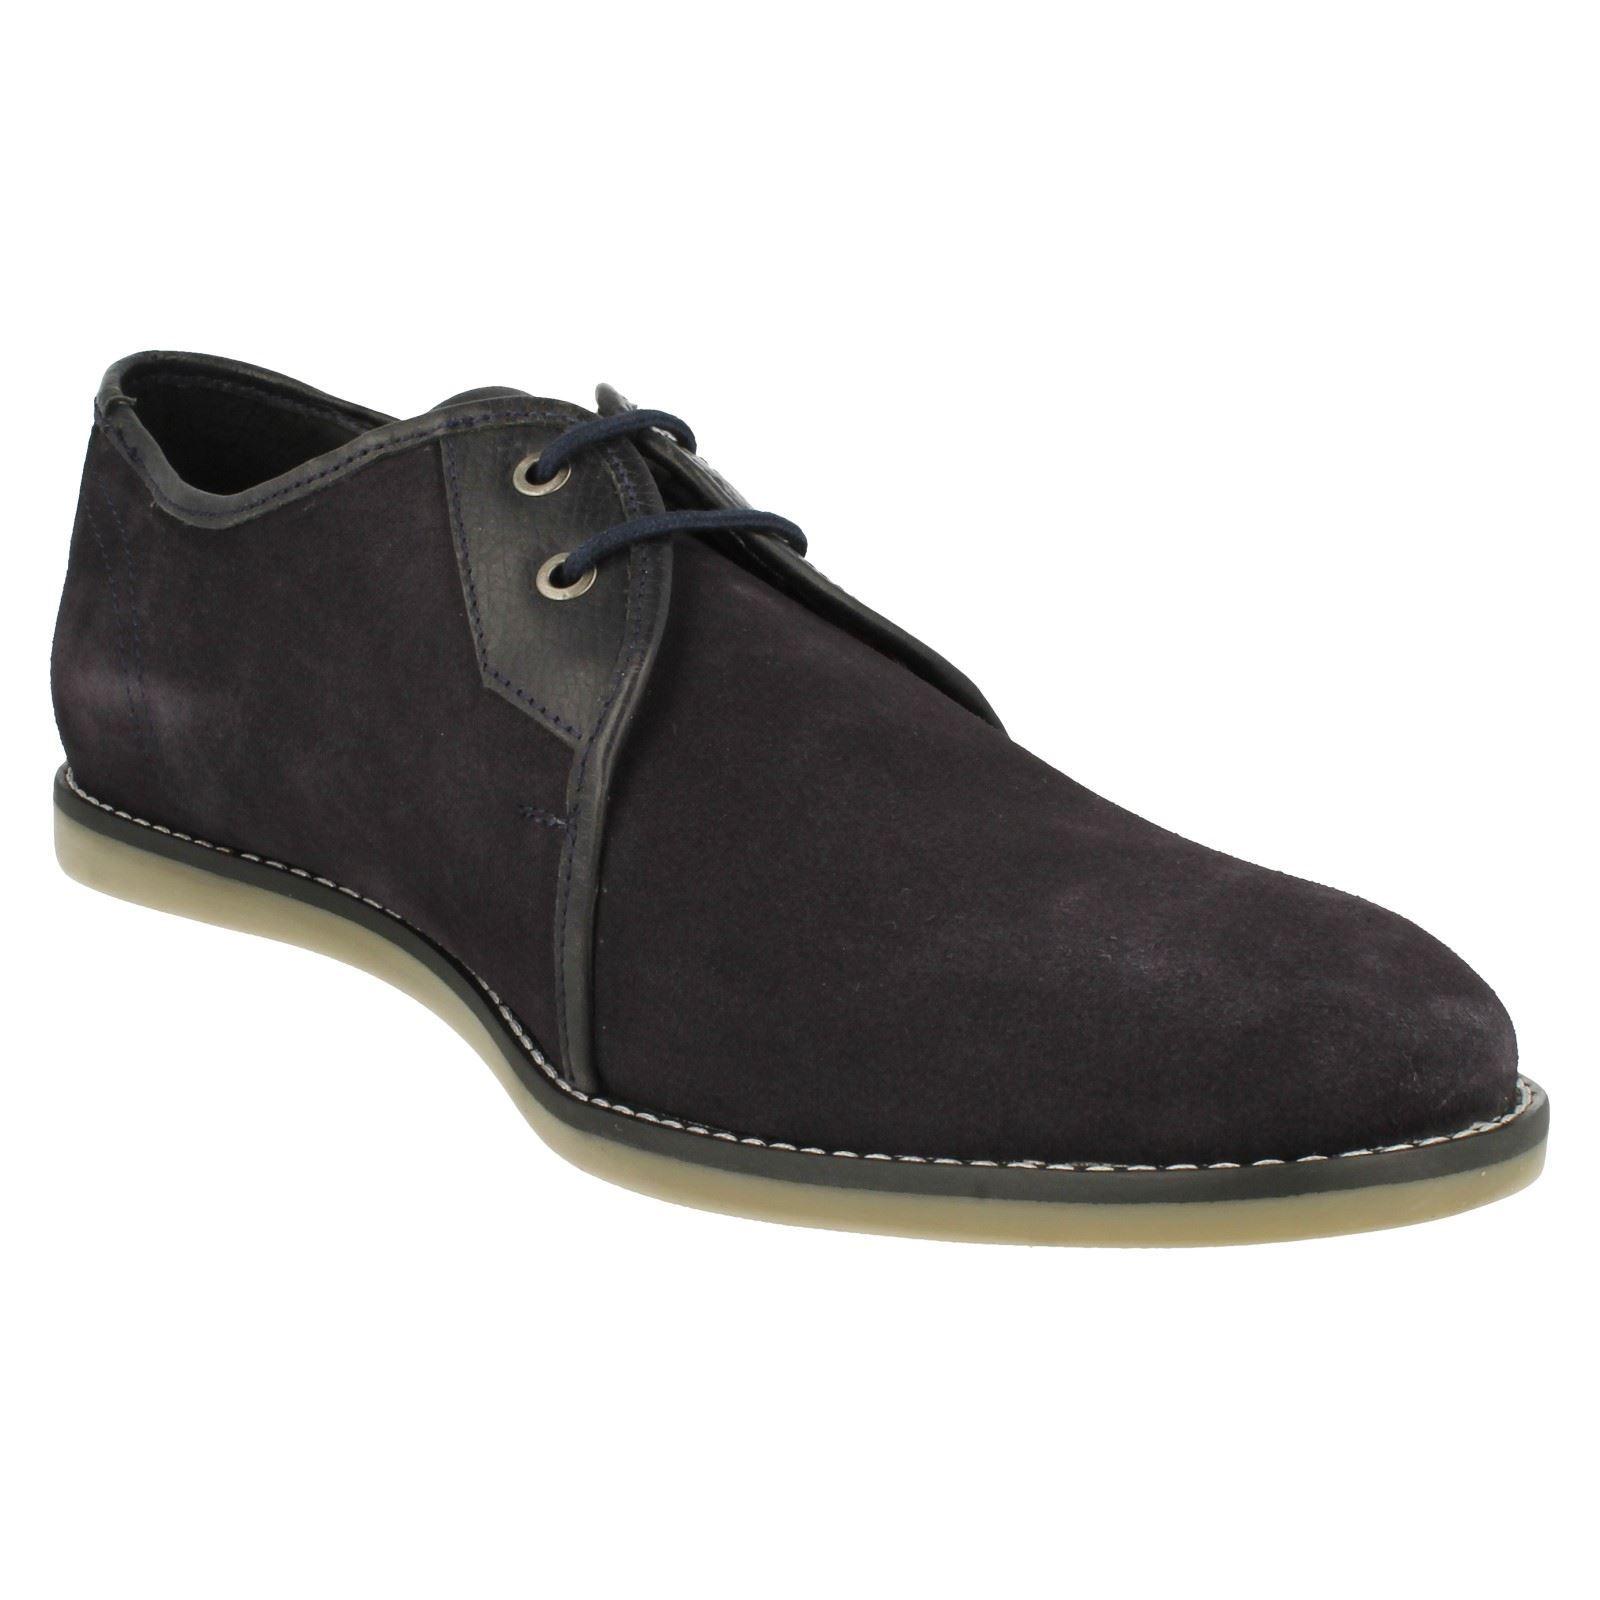 Shoes Casual Penguin Up Legit Lace Navy Mens RCqfn